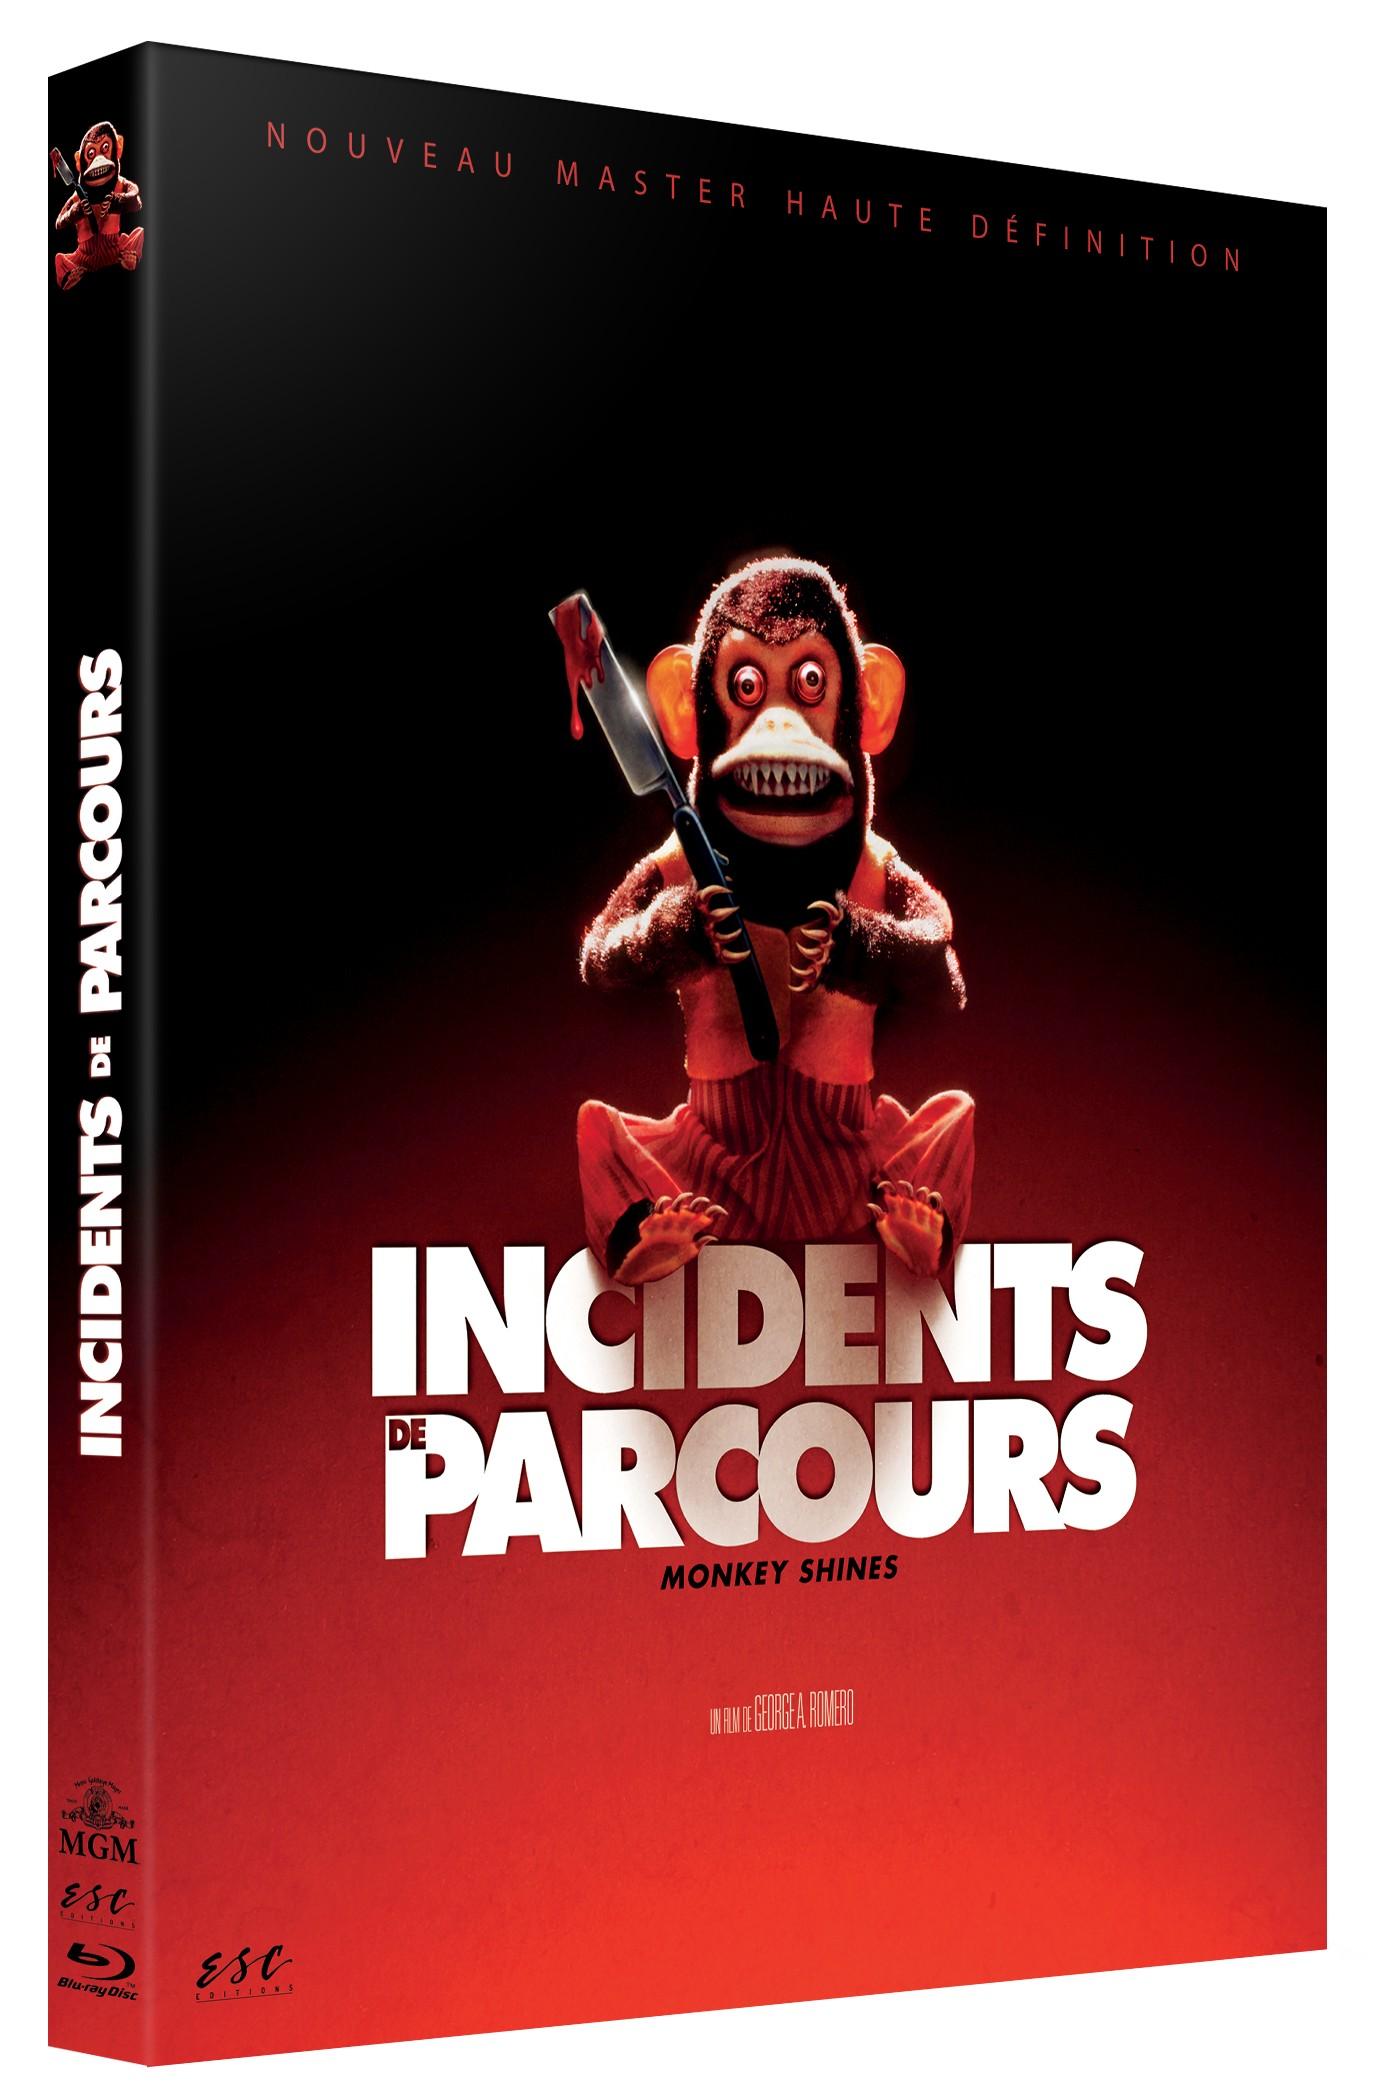 INCIDENTS DE PARCOURS - MONKEY SHINES - BRD